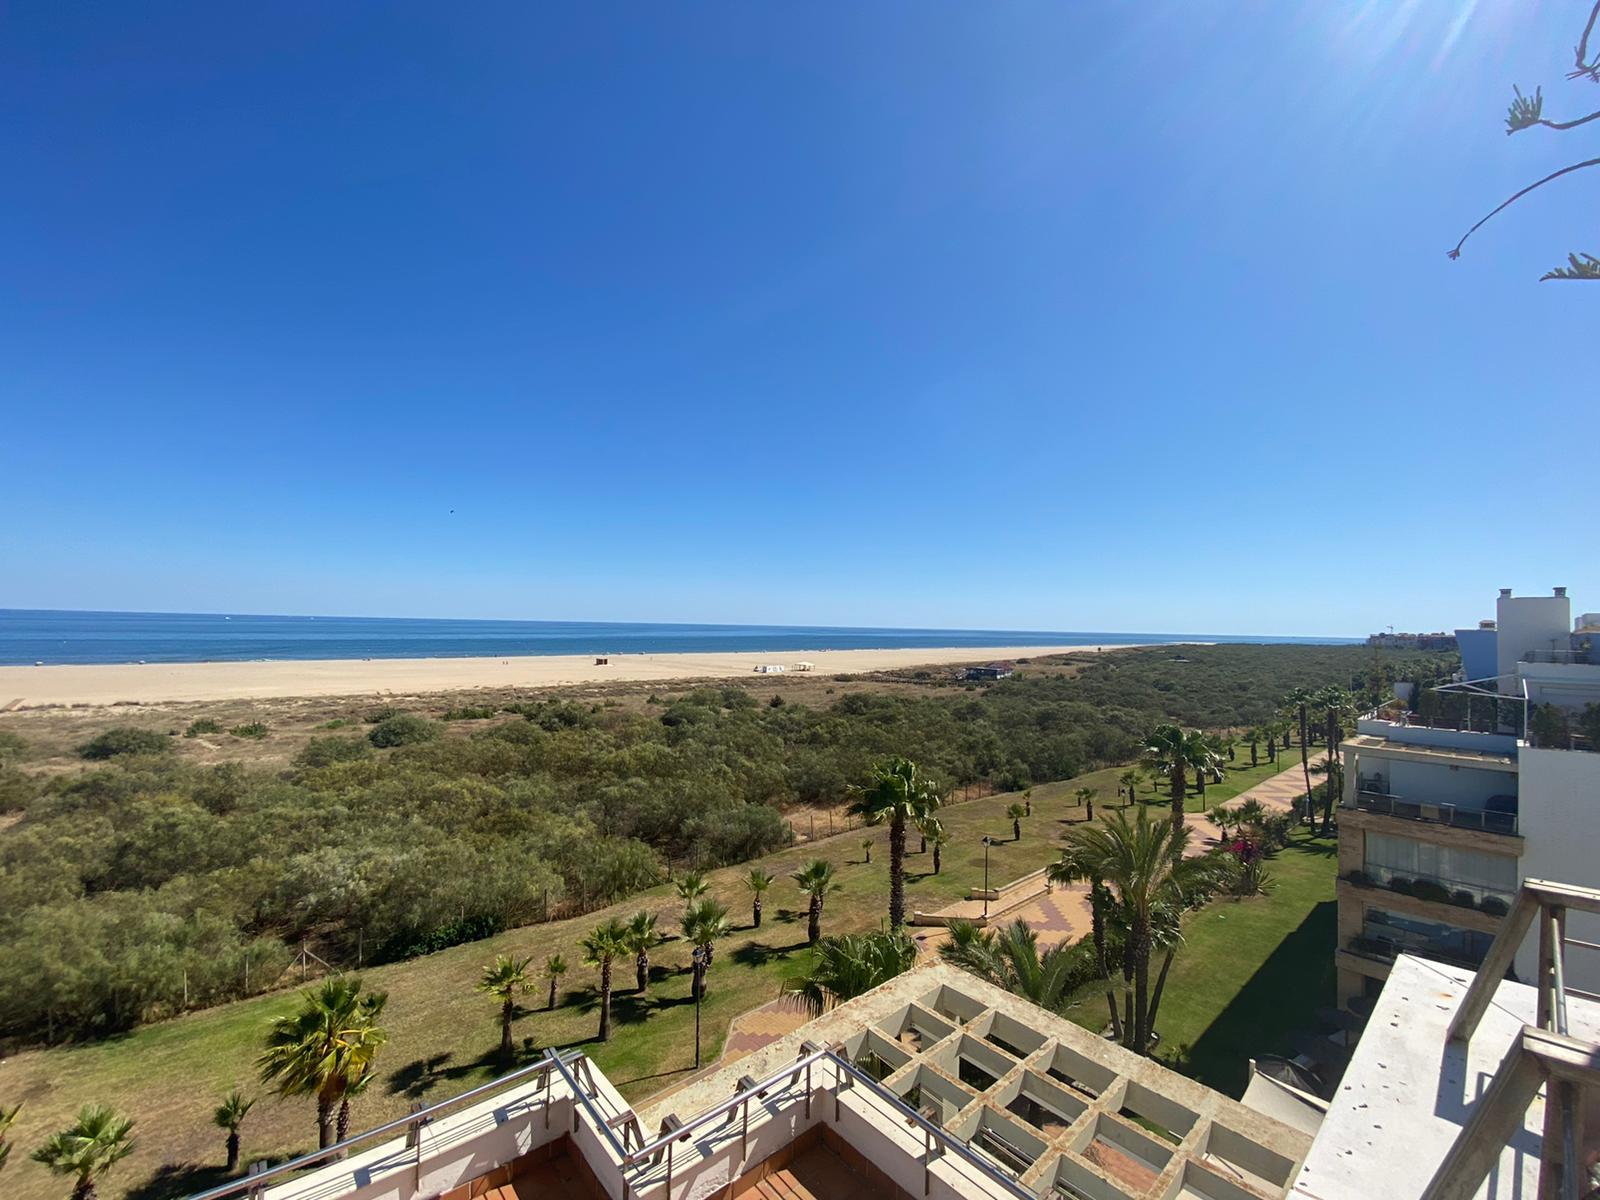 Imagen 51 del Apartamento Turístico, Ático 3 Levante, Frontal (4d+2b), Punta del Moral (HUELVA), Paseo de la Cruz nº22